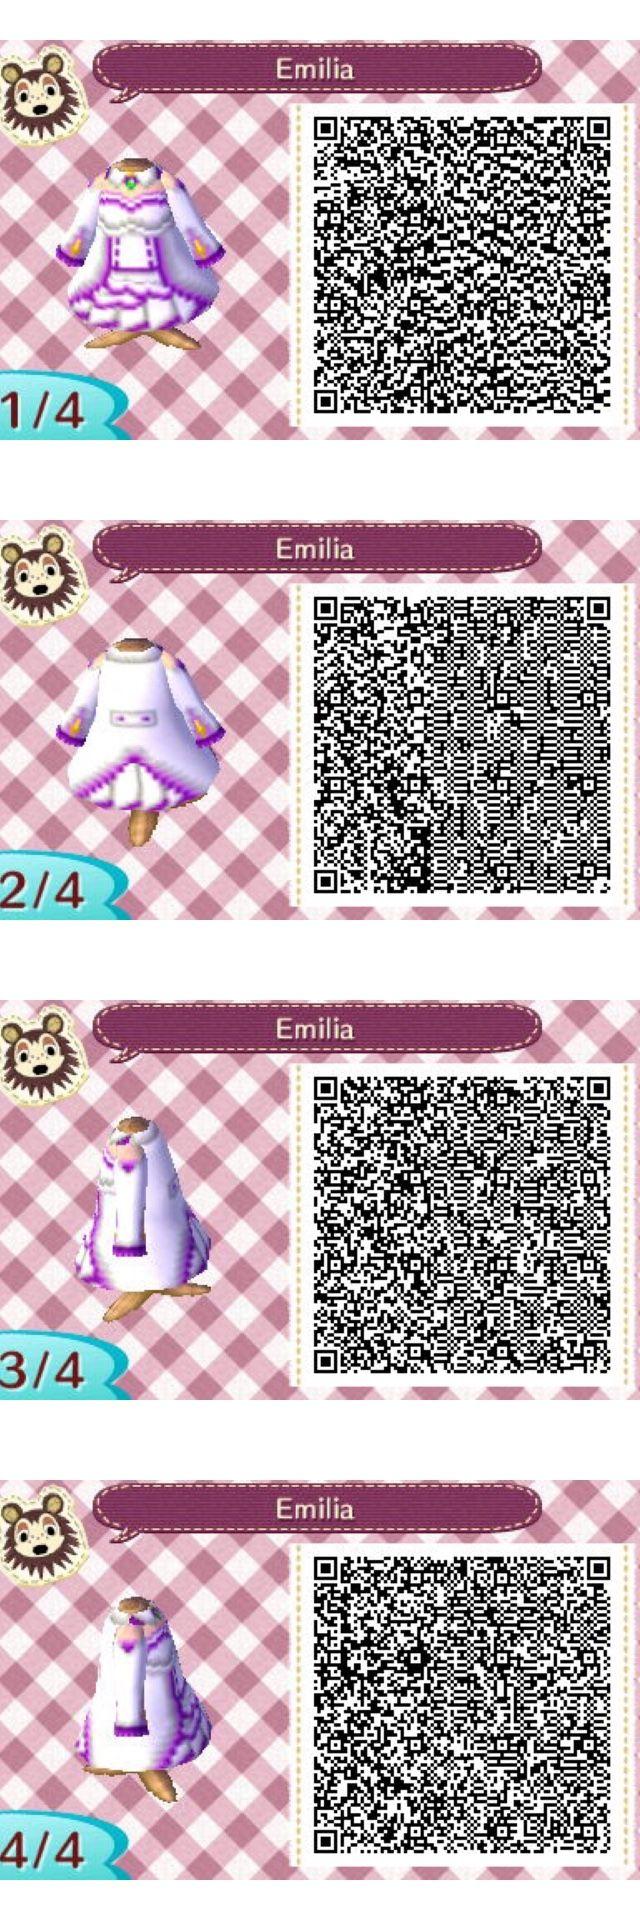 re zero emilia animal crossing qr codes clothes animal crossing qr qr codes animal crossing